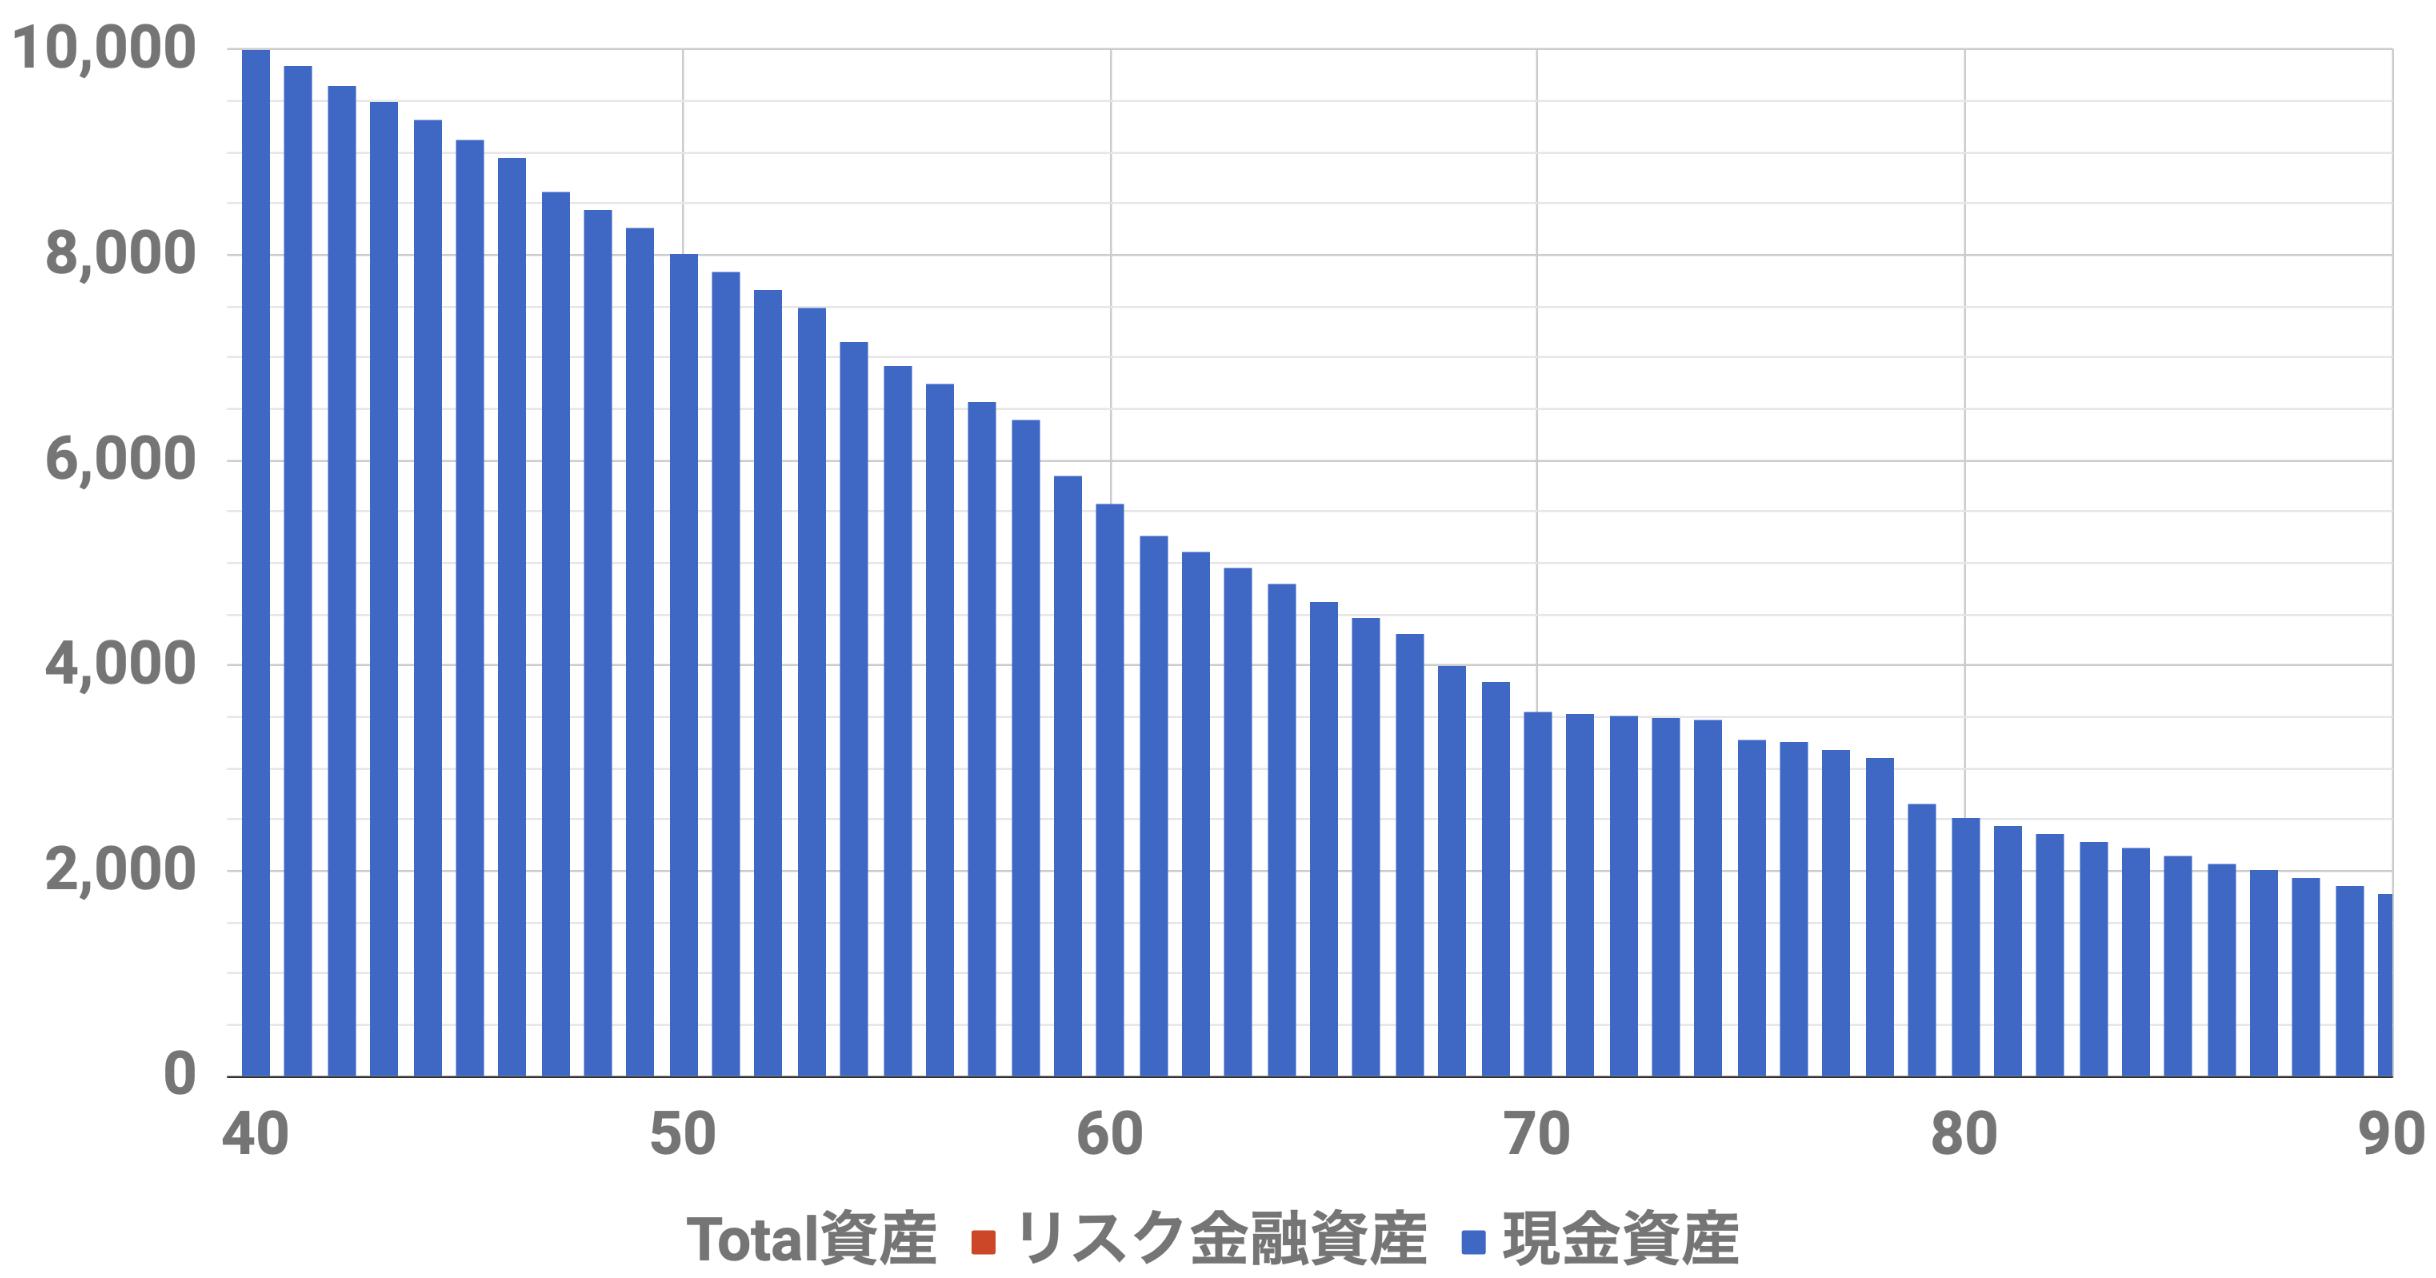 40歳1億円資産シミュレーション(Level3)インフレ率0%,安全資産運用